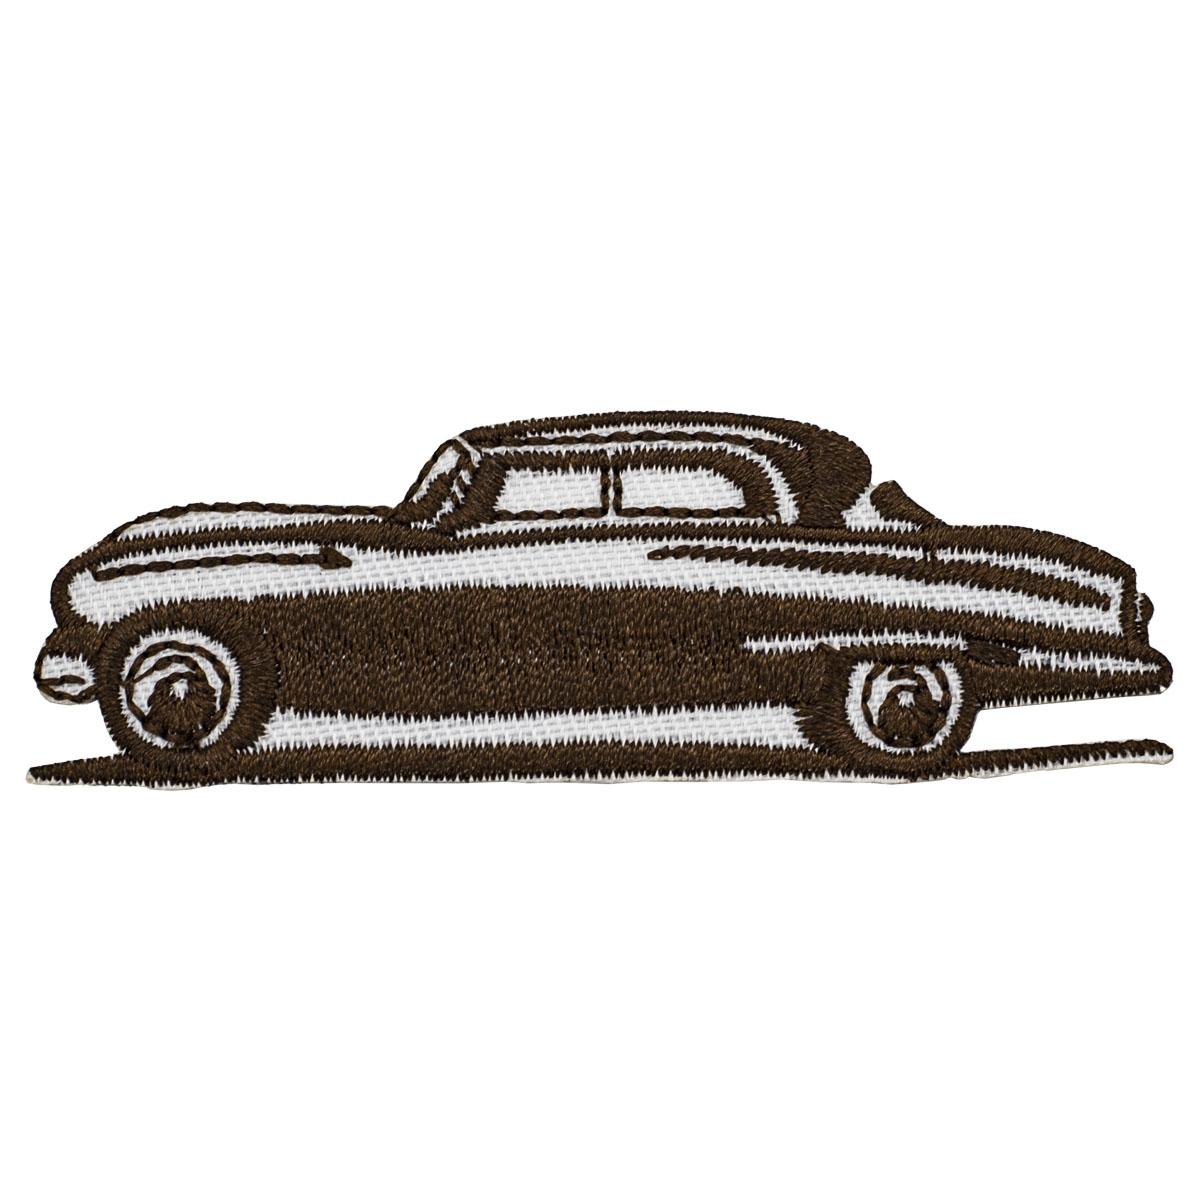 Термоаппликация 'Автомобиль', 8.0*2.5см